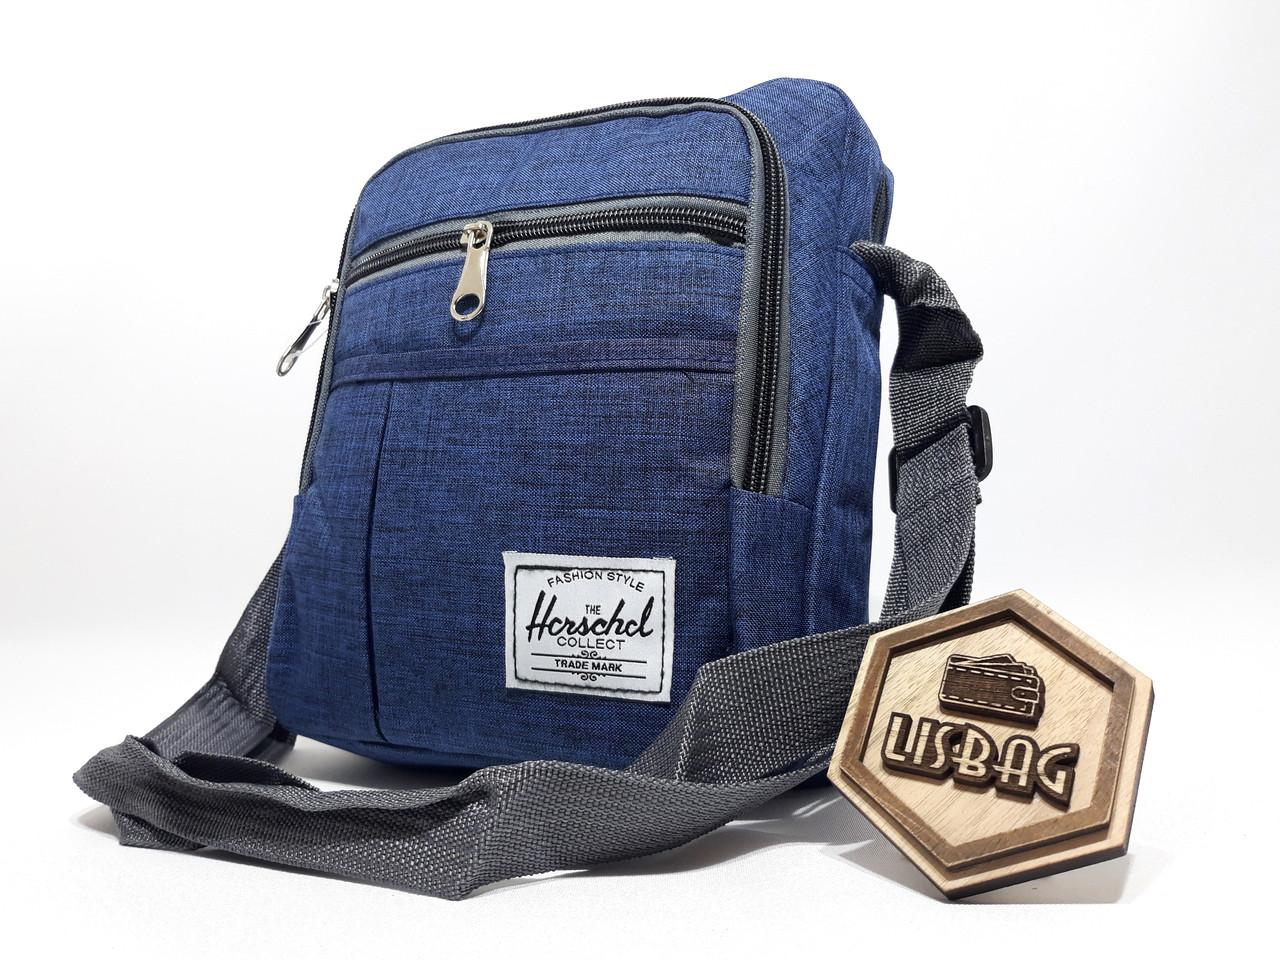 053c0a864324 Чоловіча Синя сумка планшетка / барсетка середнього розміру спортивного  стилю